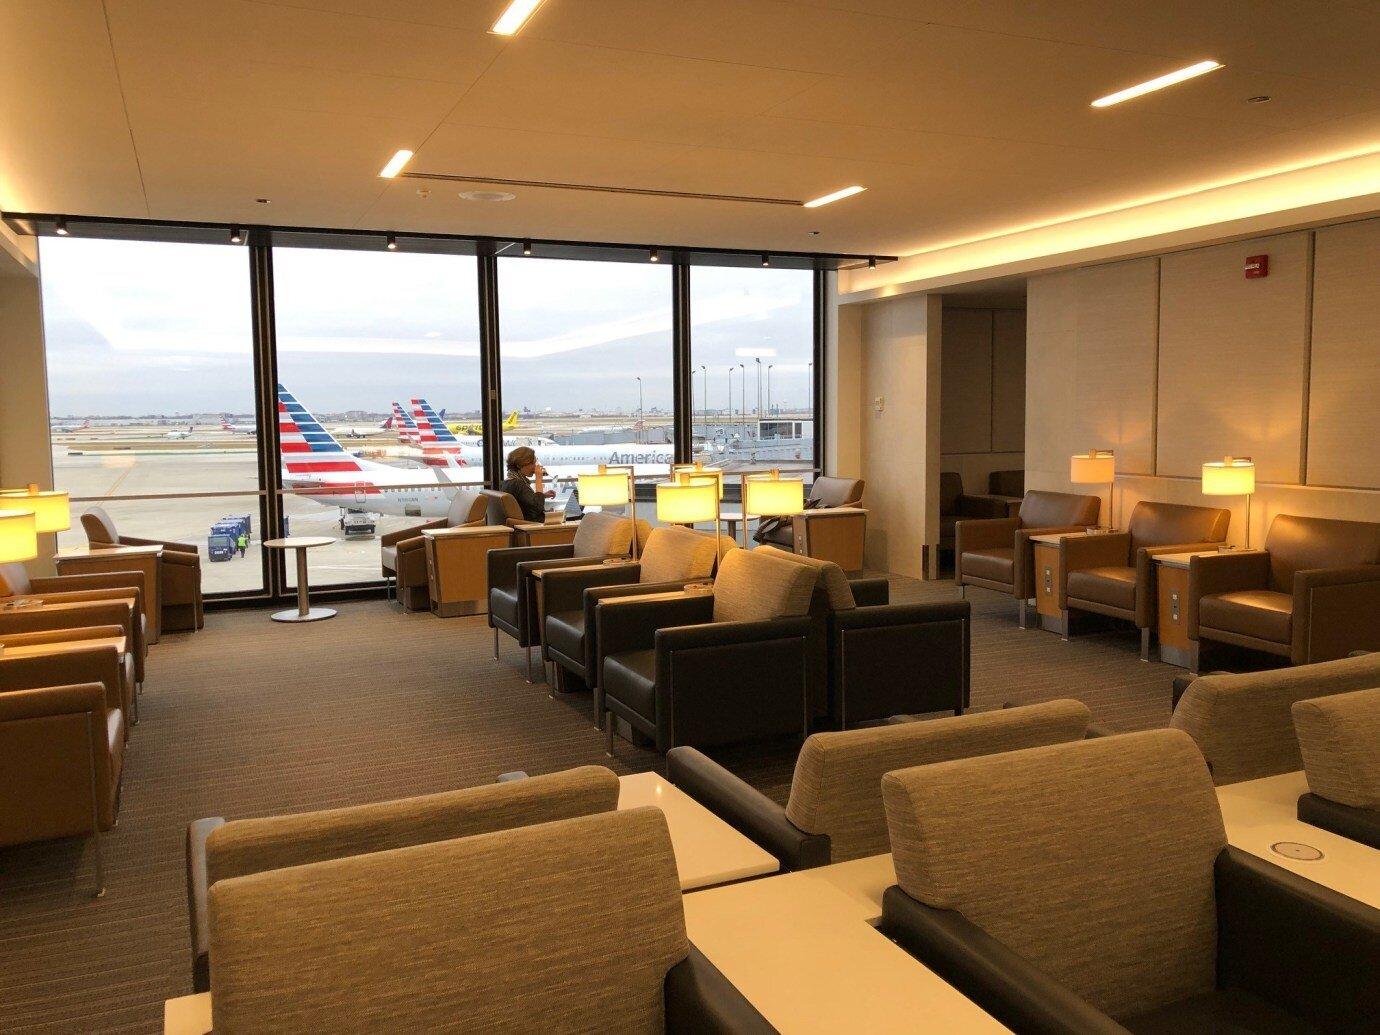 我們的班機是下午四點,下午時段使用 Flagship Lounge 的人不多,感覺空間寬敞很清爽也安靜